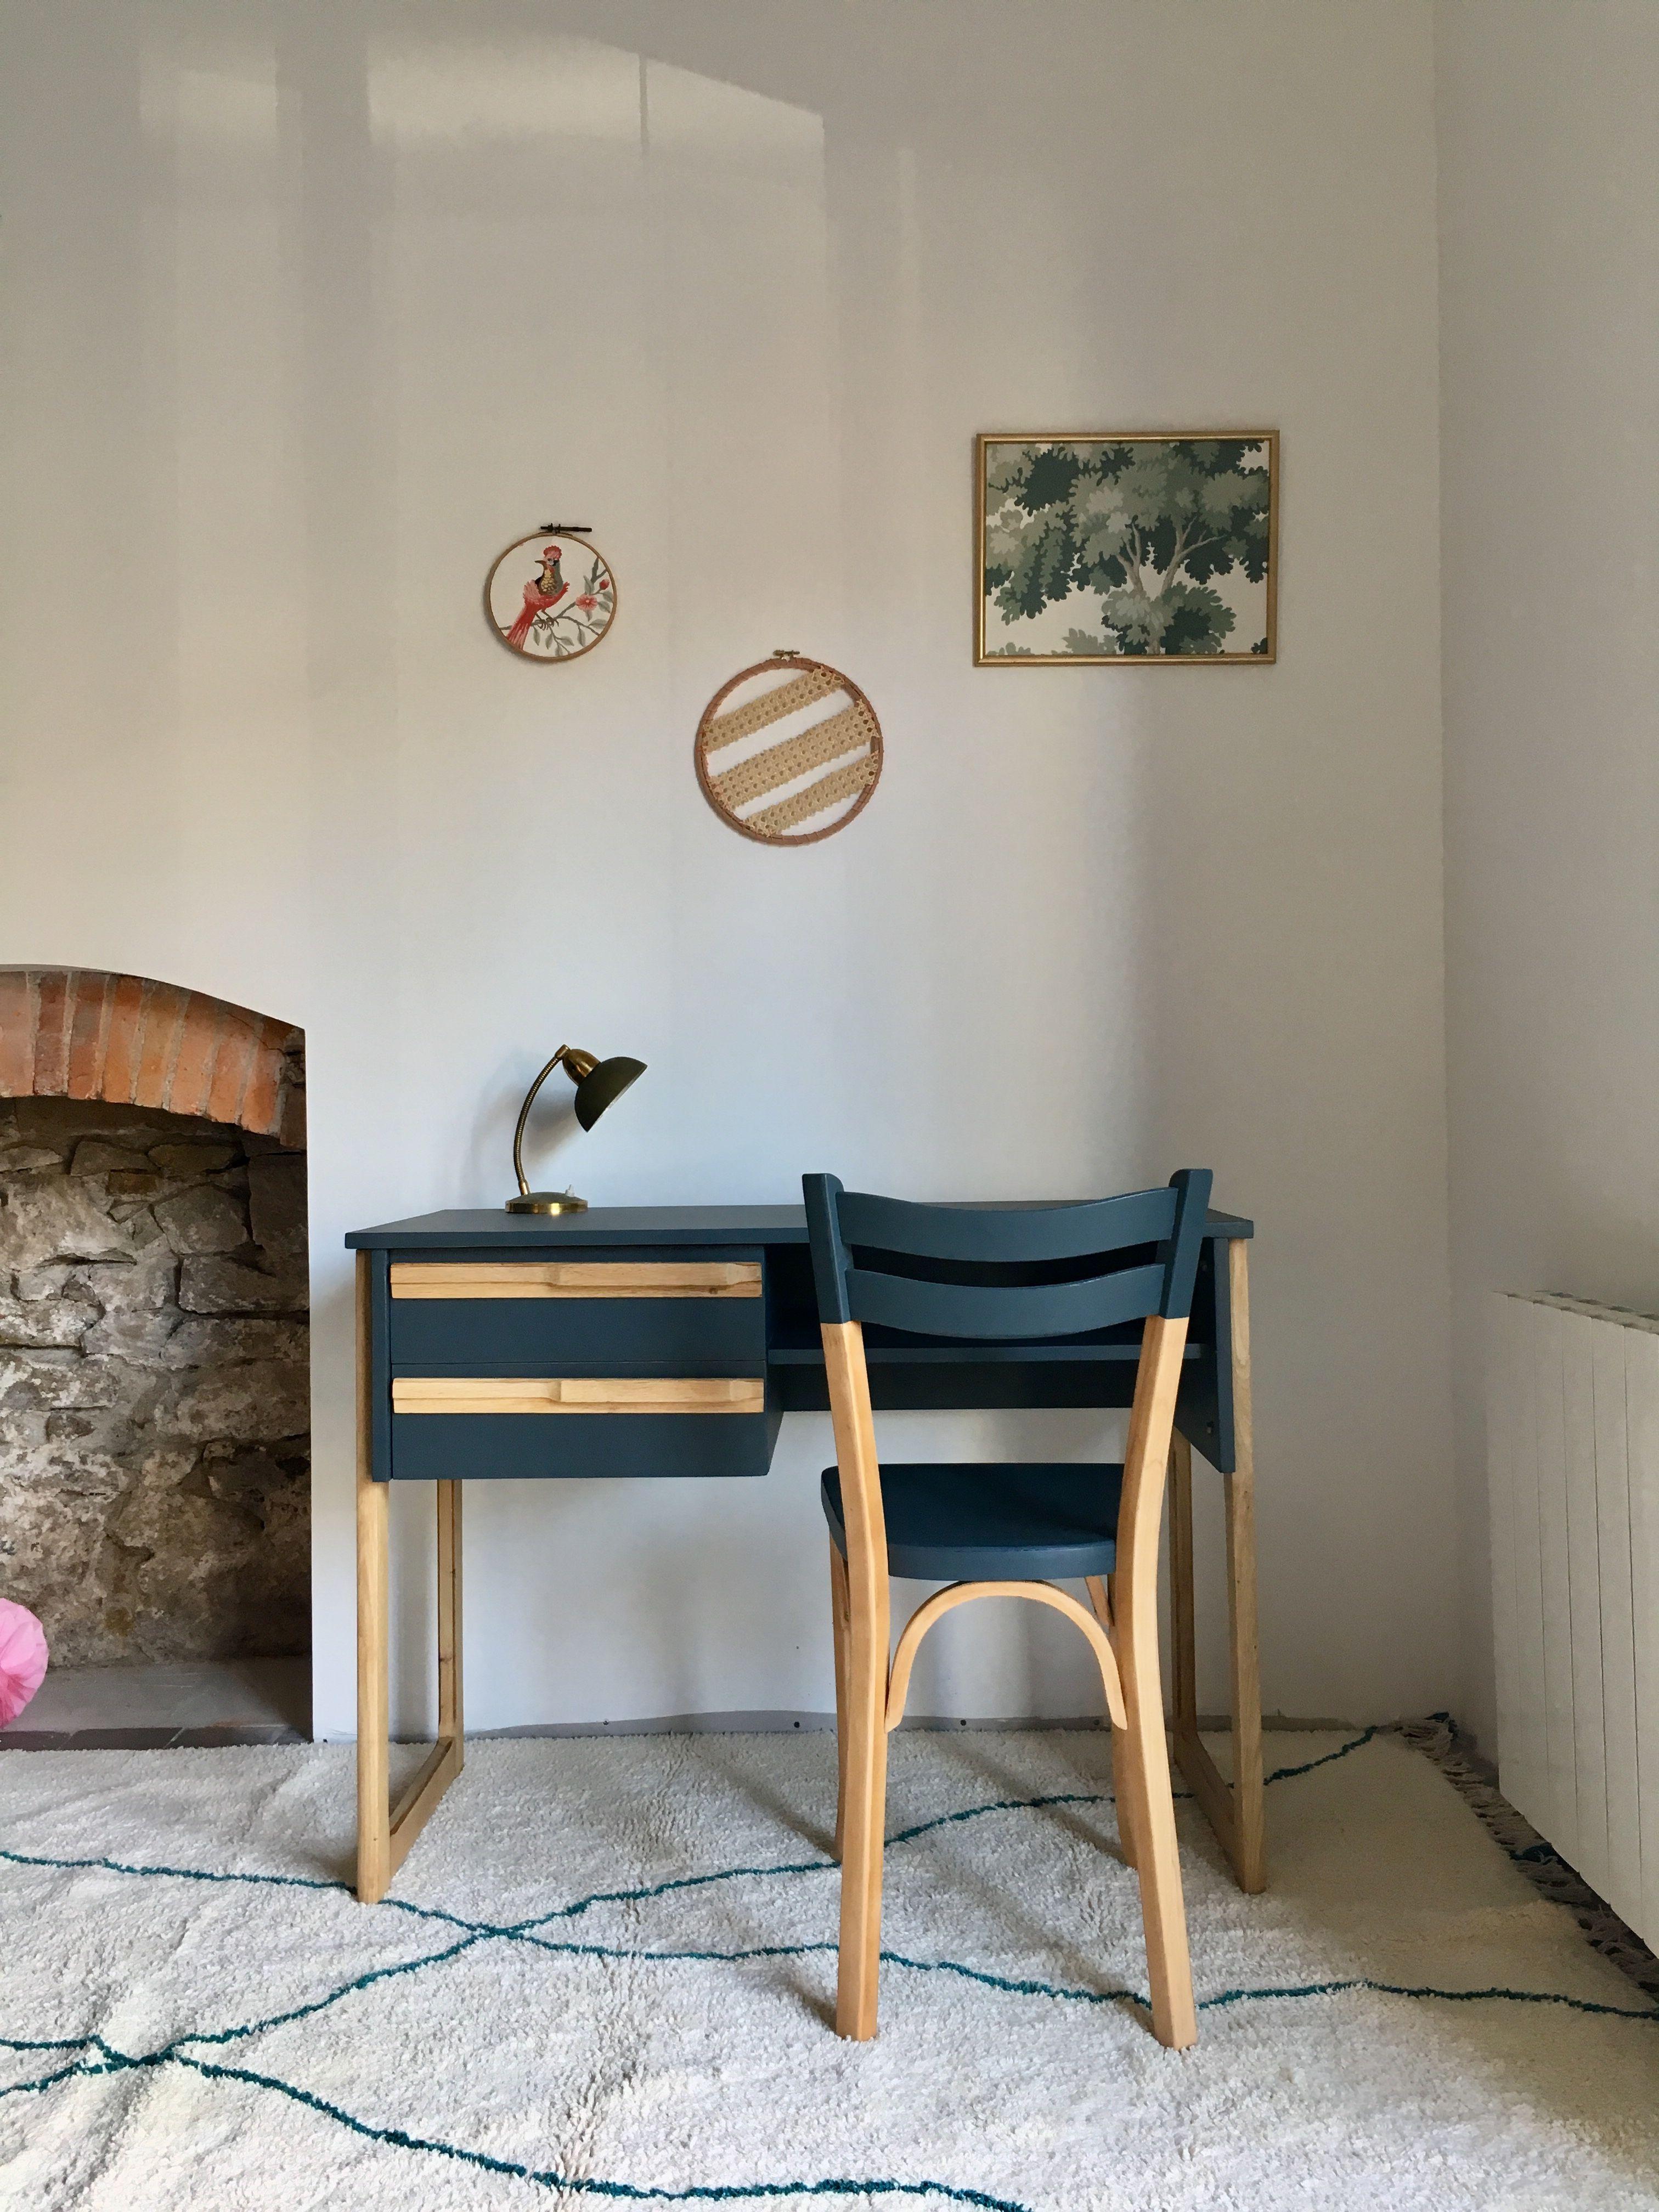 Bureau Vintage Scandinave Tawara En Vogue Mobilier Vintage A Nantes Deco Maison Mobilier De Salon Decoration Maison